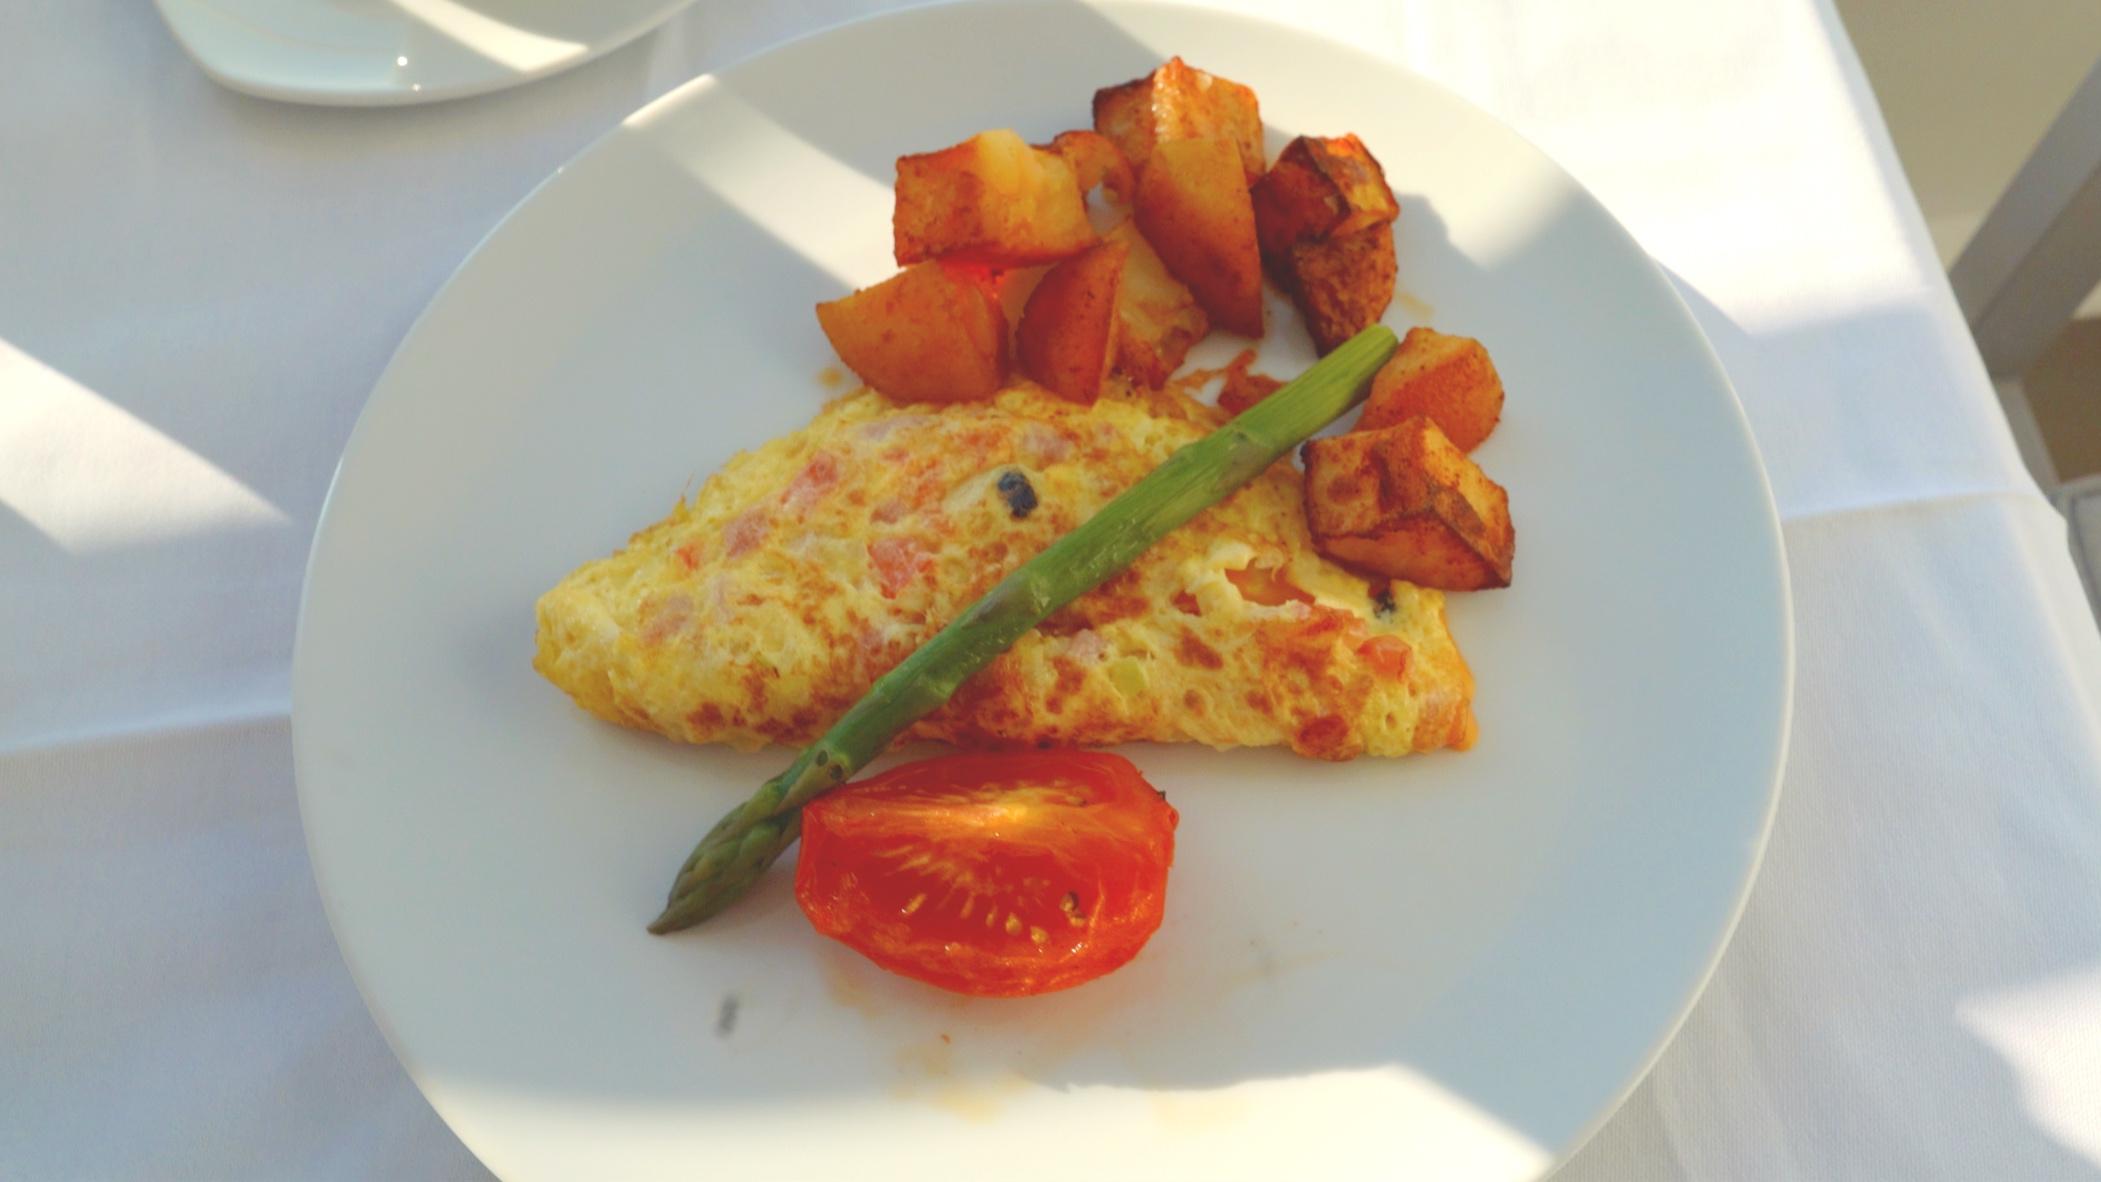 The Azamara breakfast